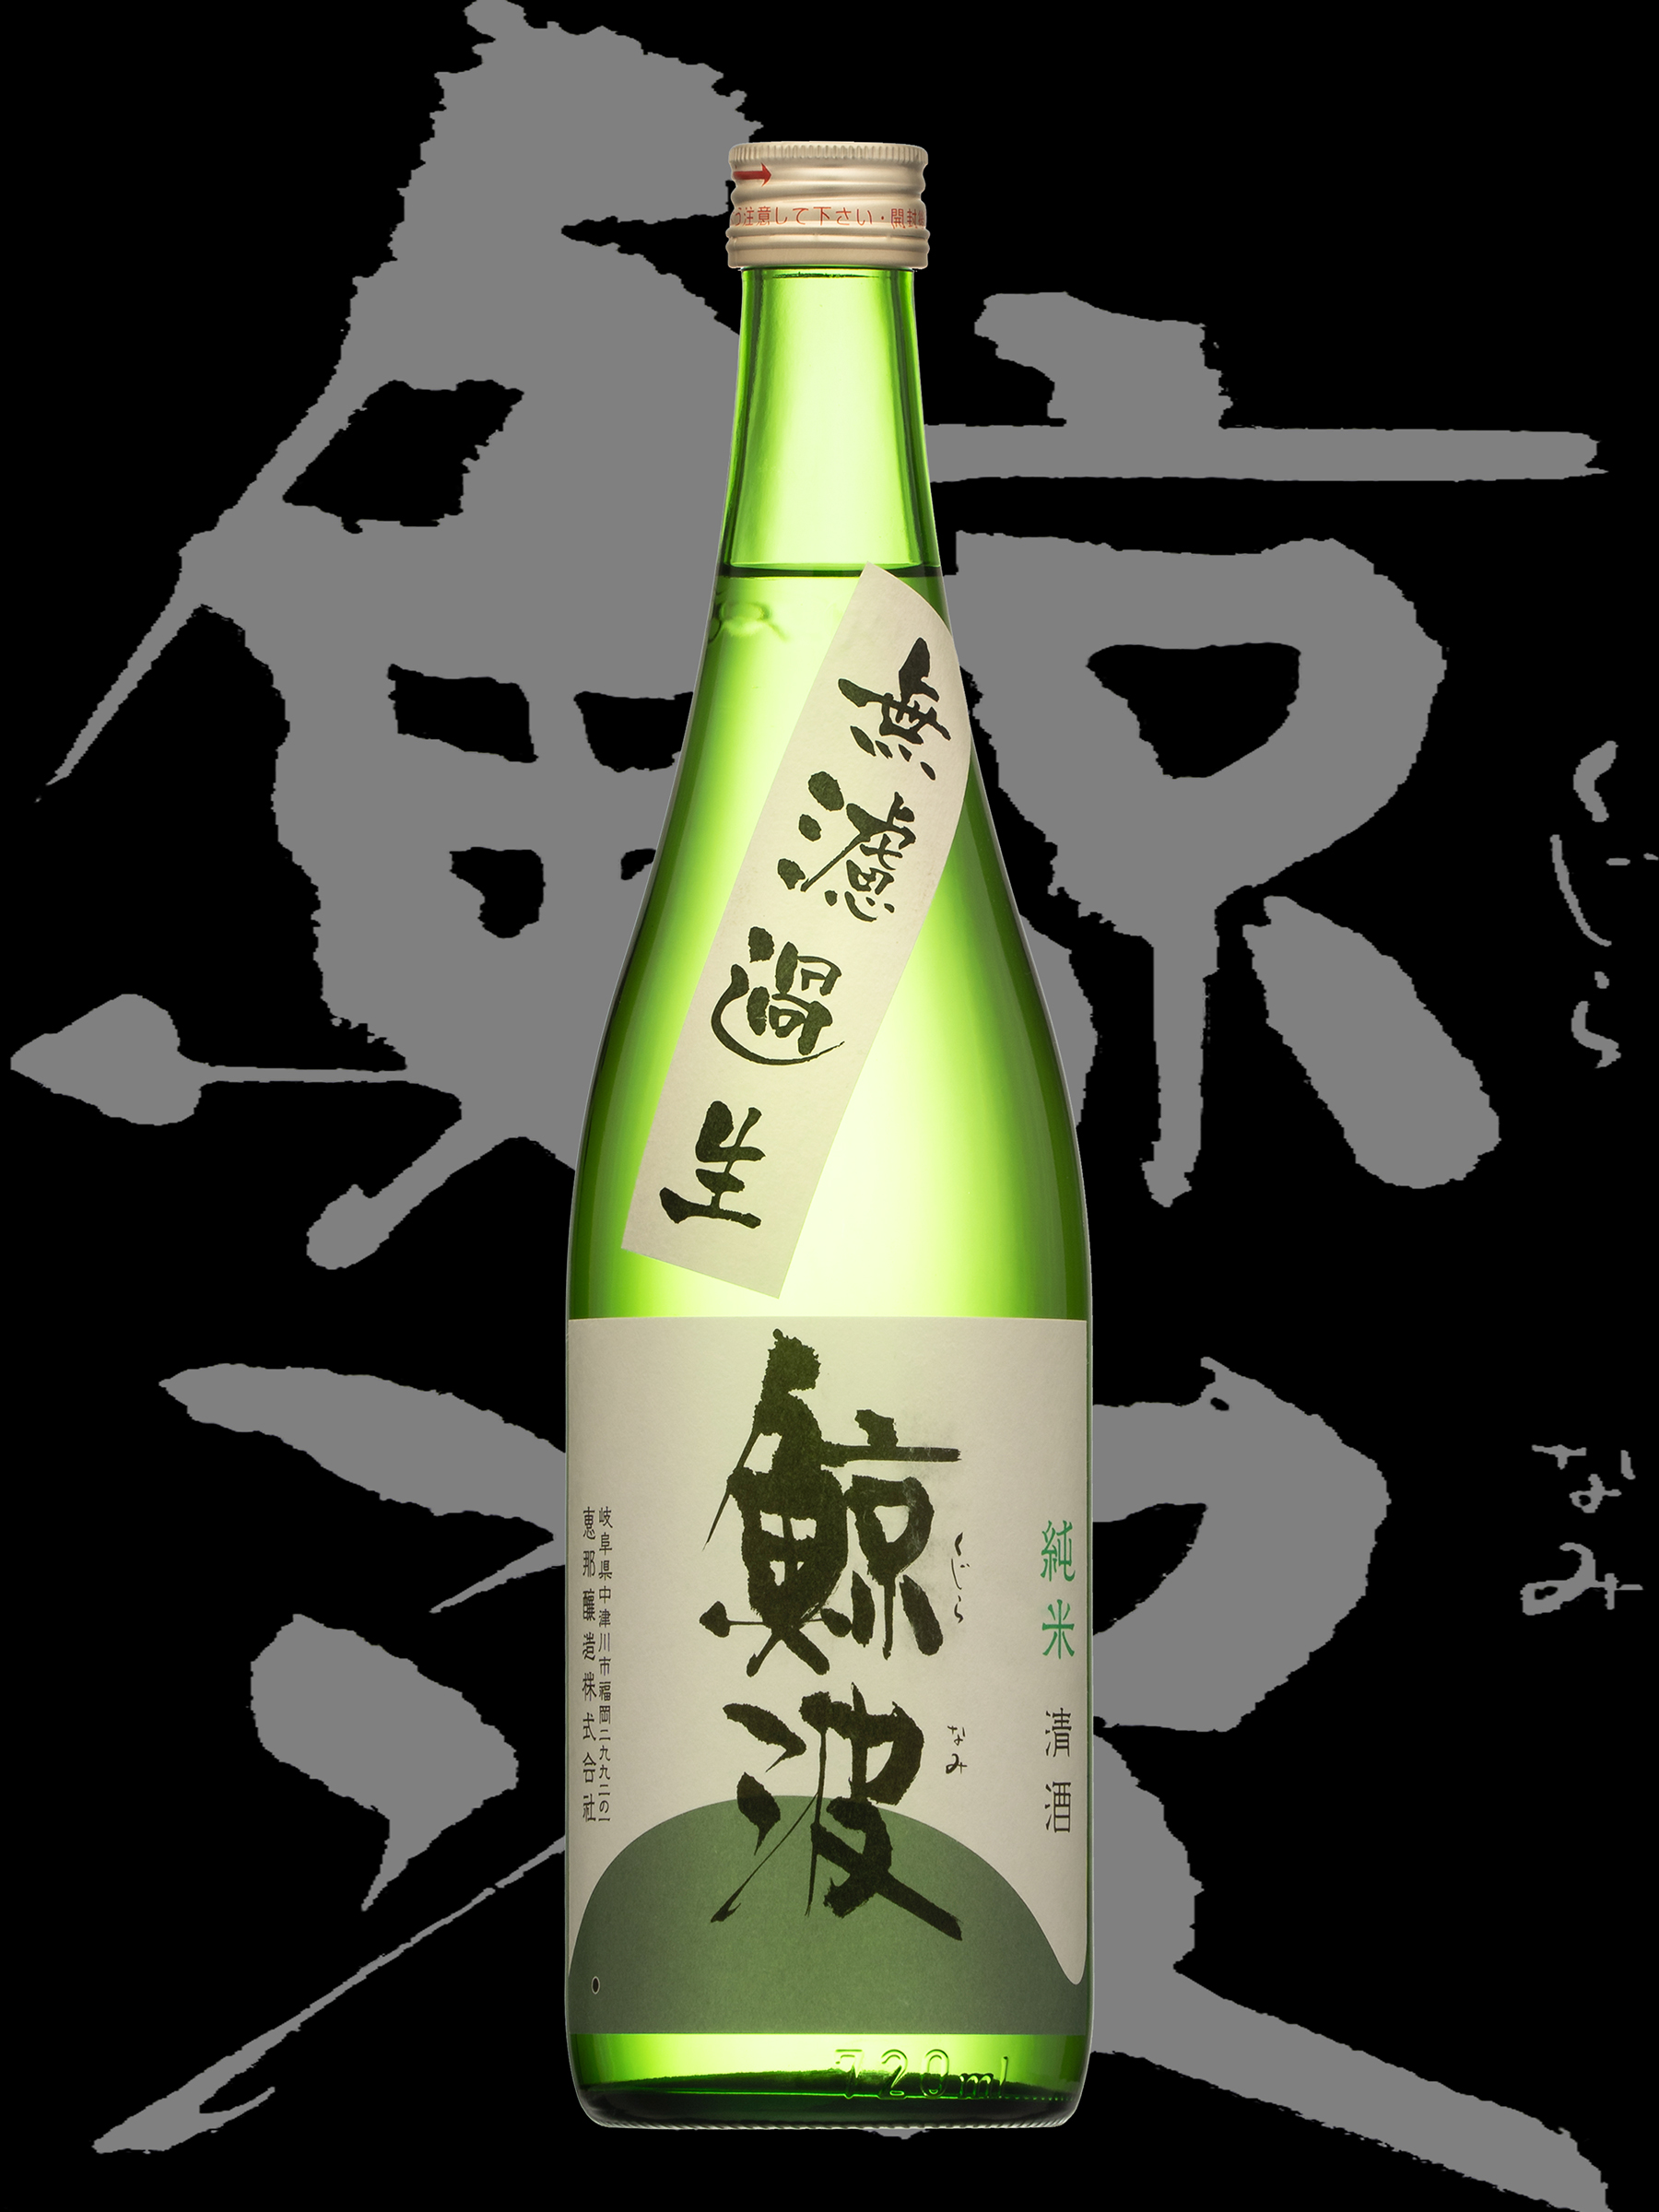 鯨波(くじらなみ)「純米」無濾過生R2BY